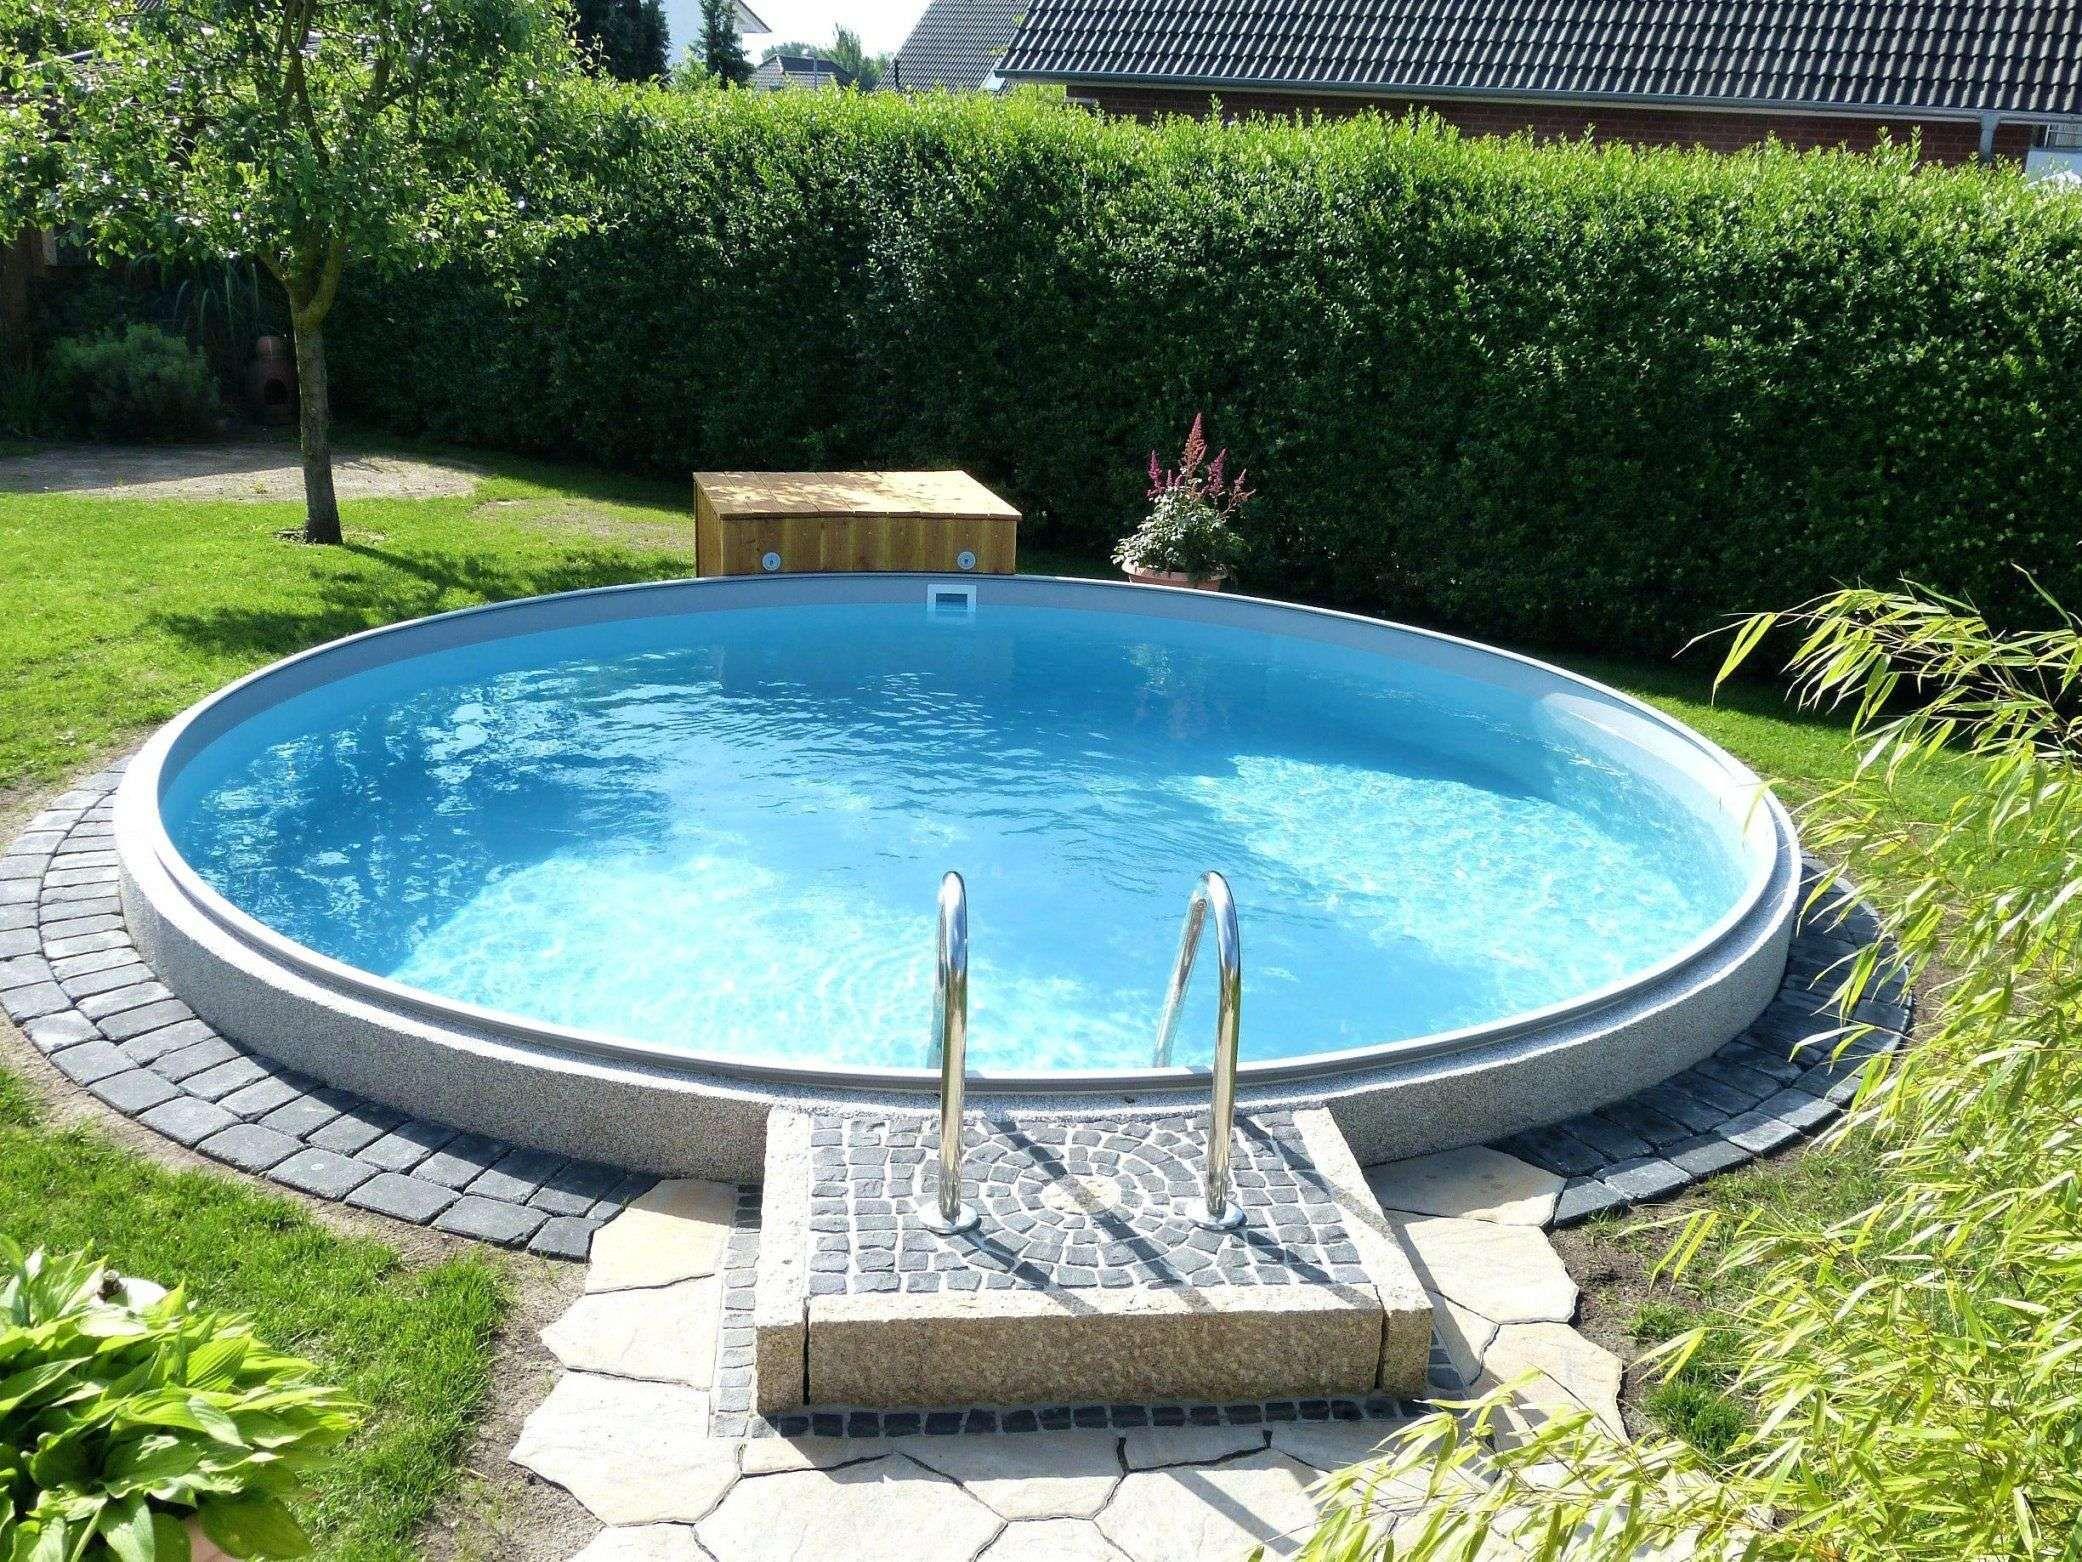 Einzigartig Pool Im Garten Kollektion Schwimmbader Hinterhof Pool Im Garten Schwimmbad Designs